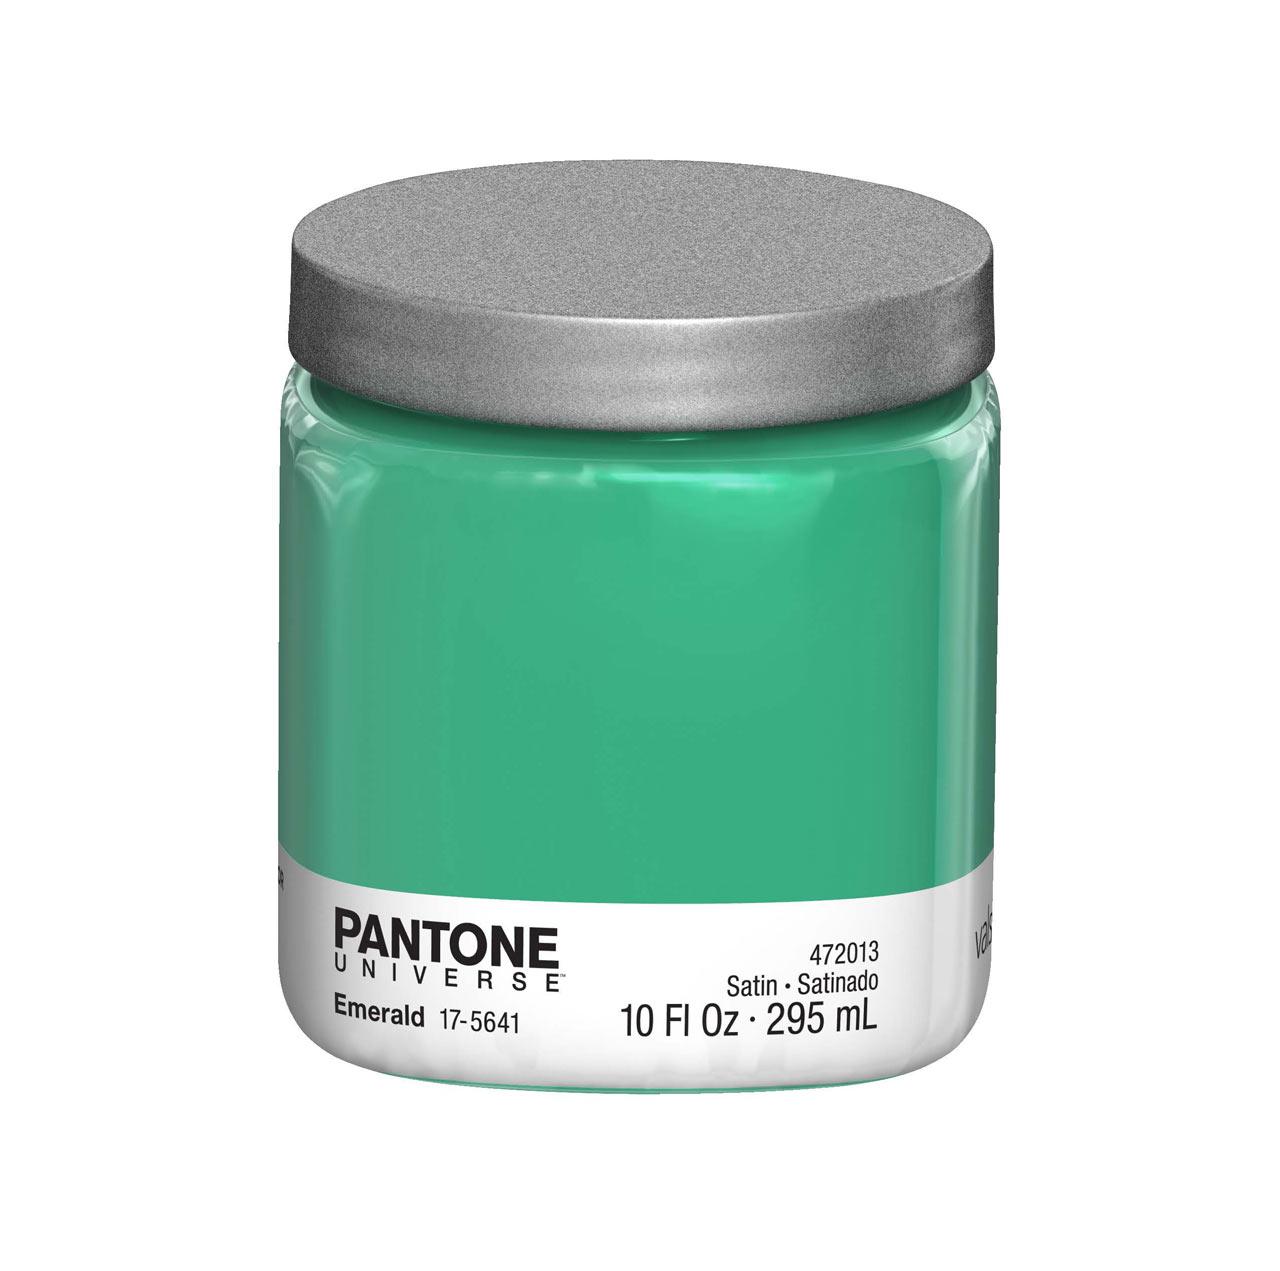 PANTONE UNIVERSE Paint Collection by Valspar